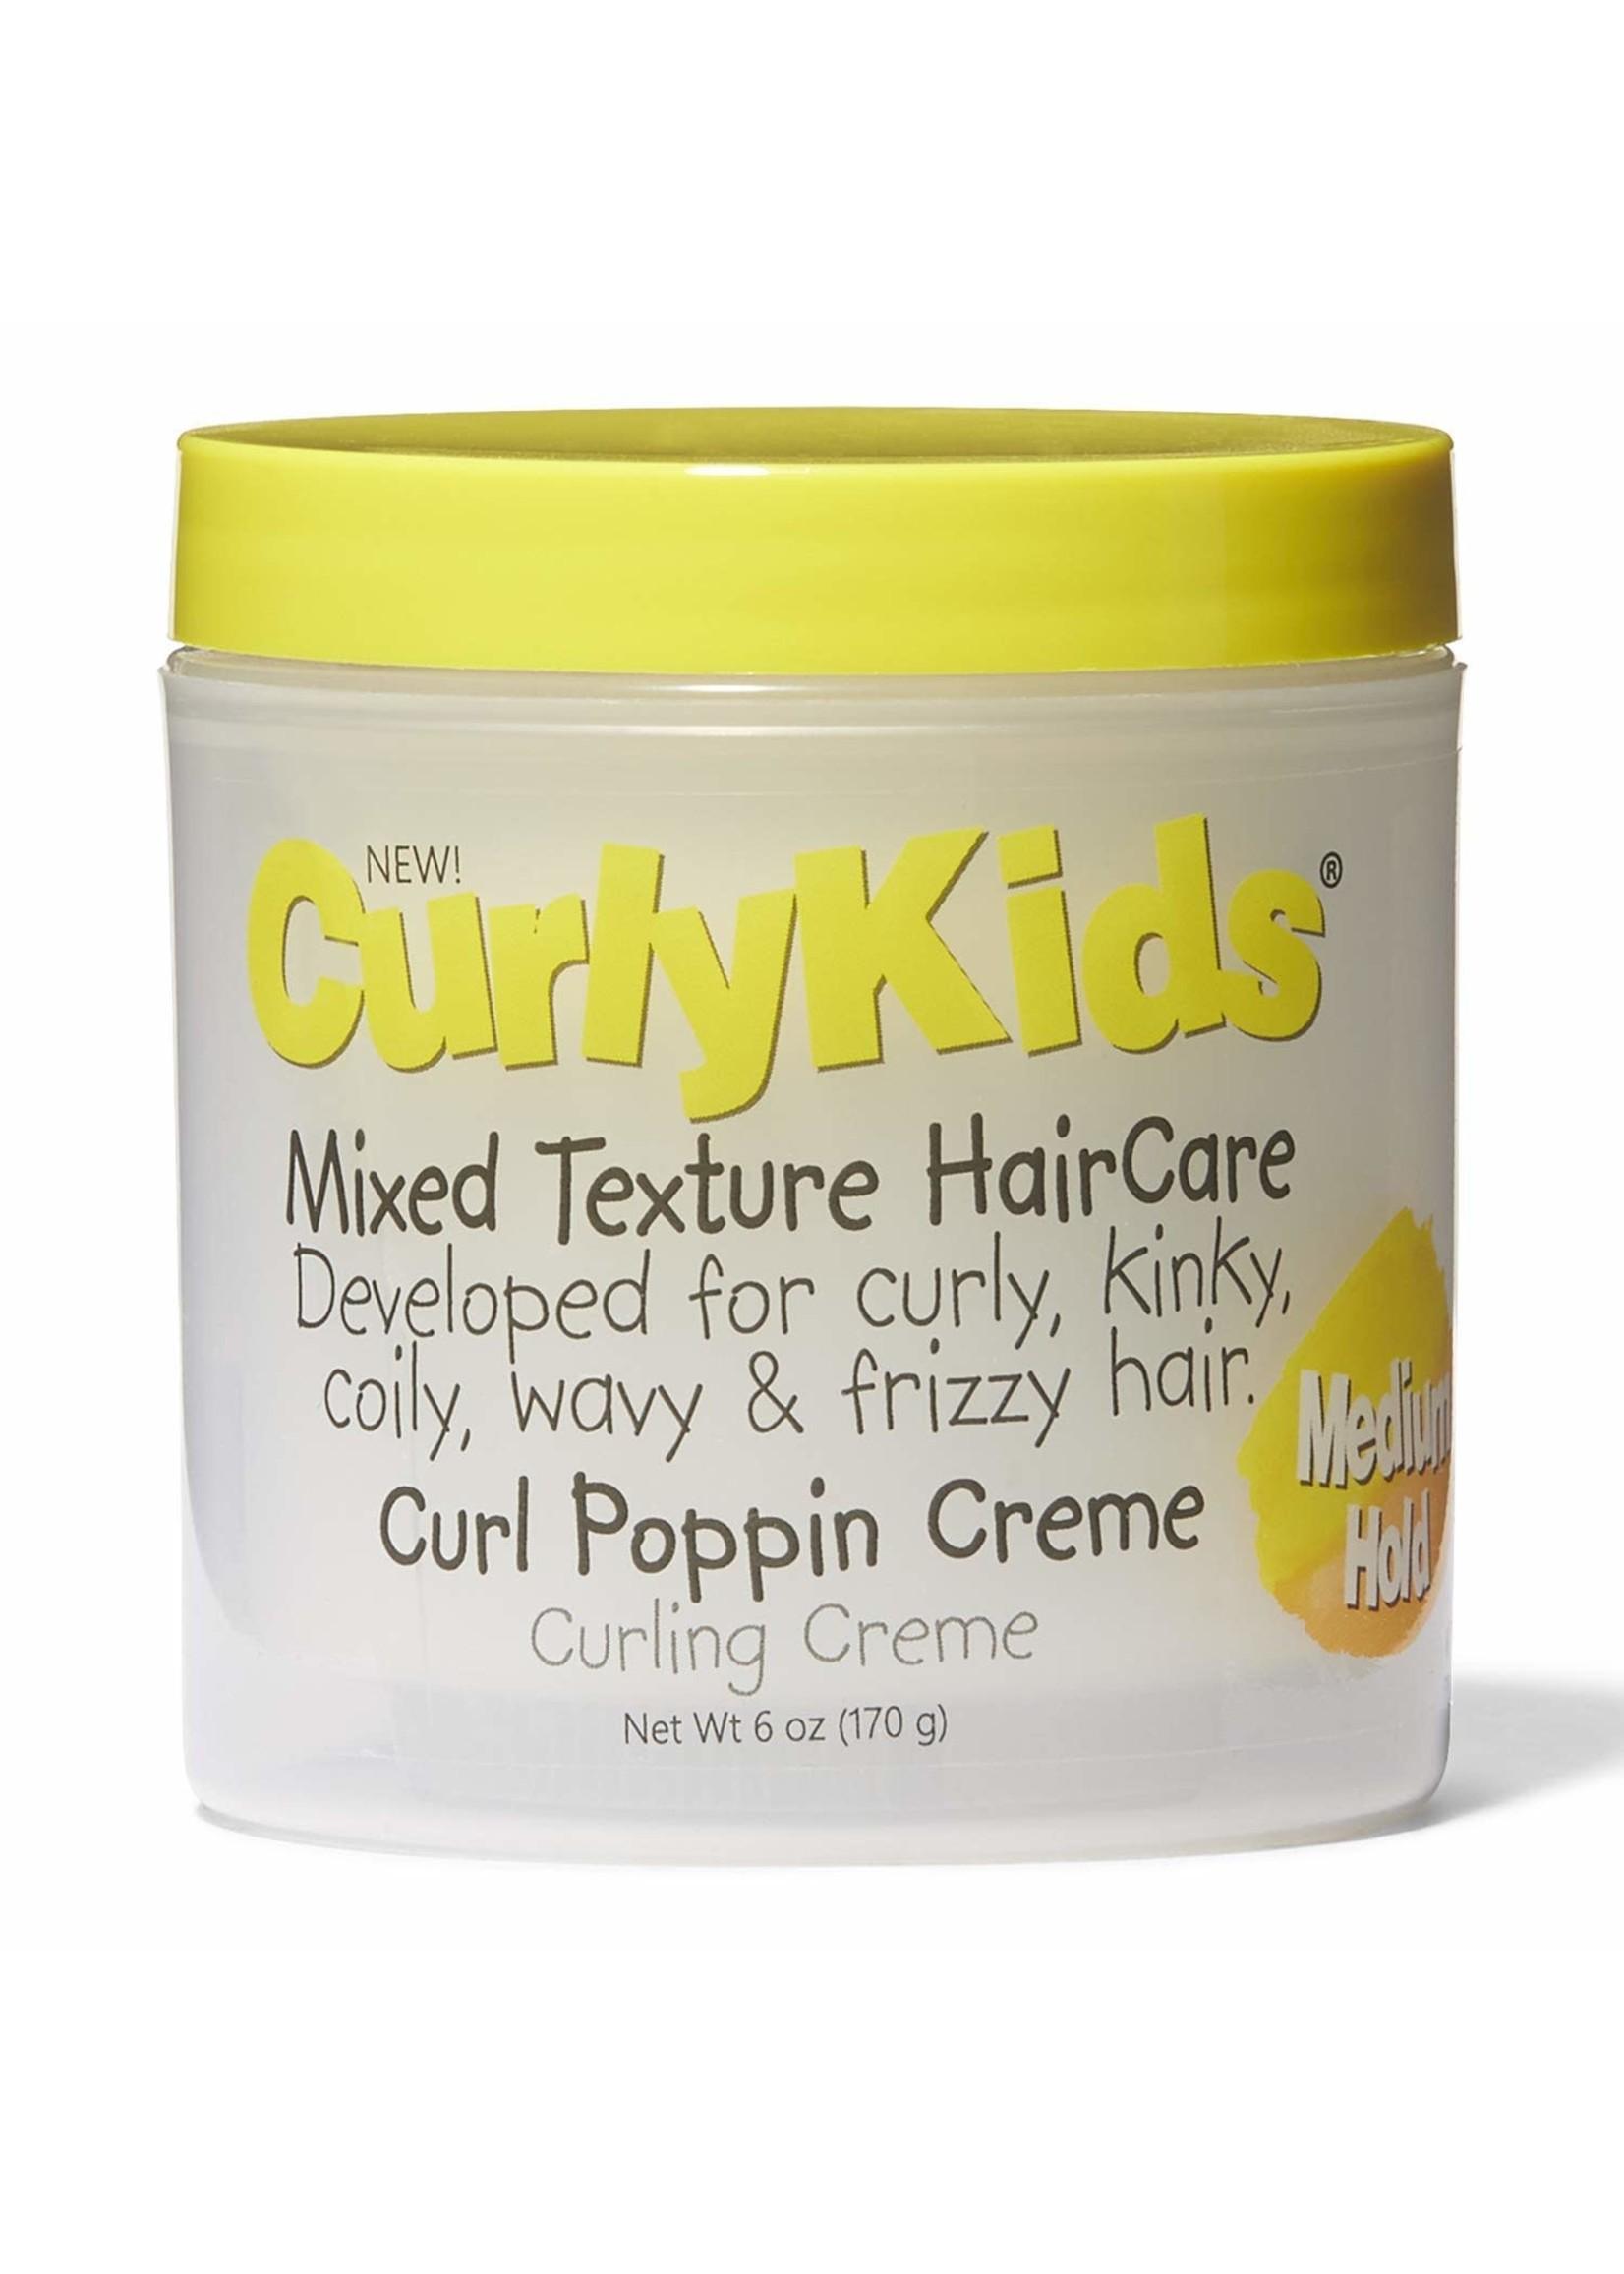 CurlyKids Curl Poppin Cream